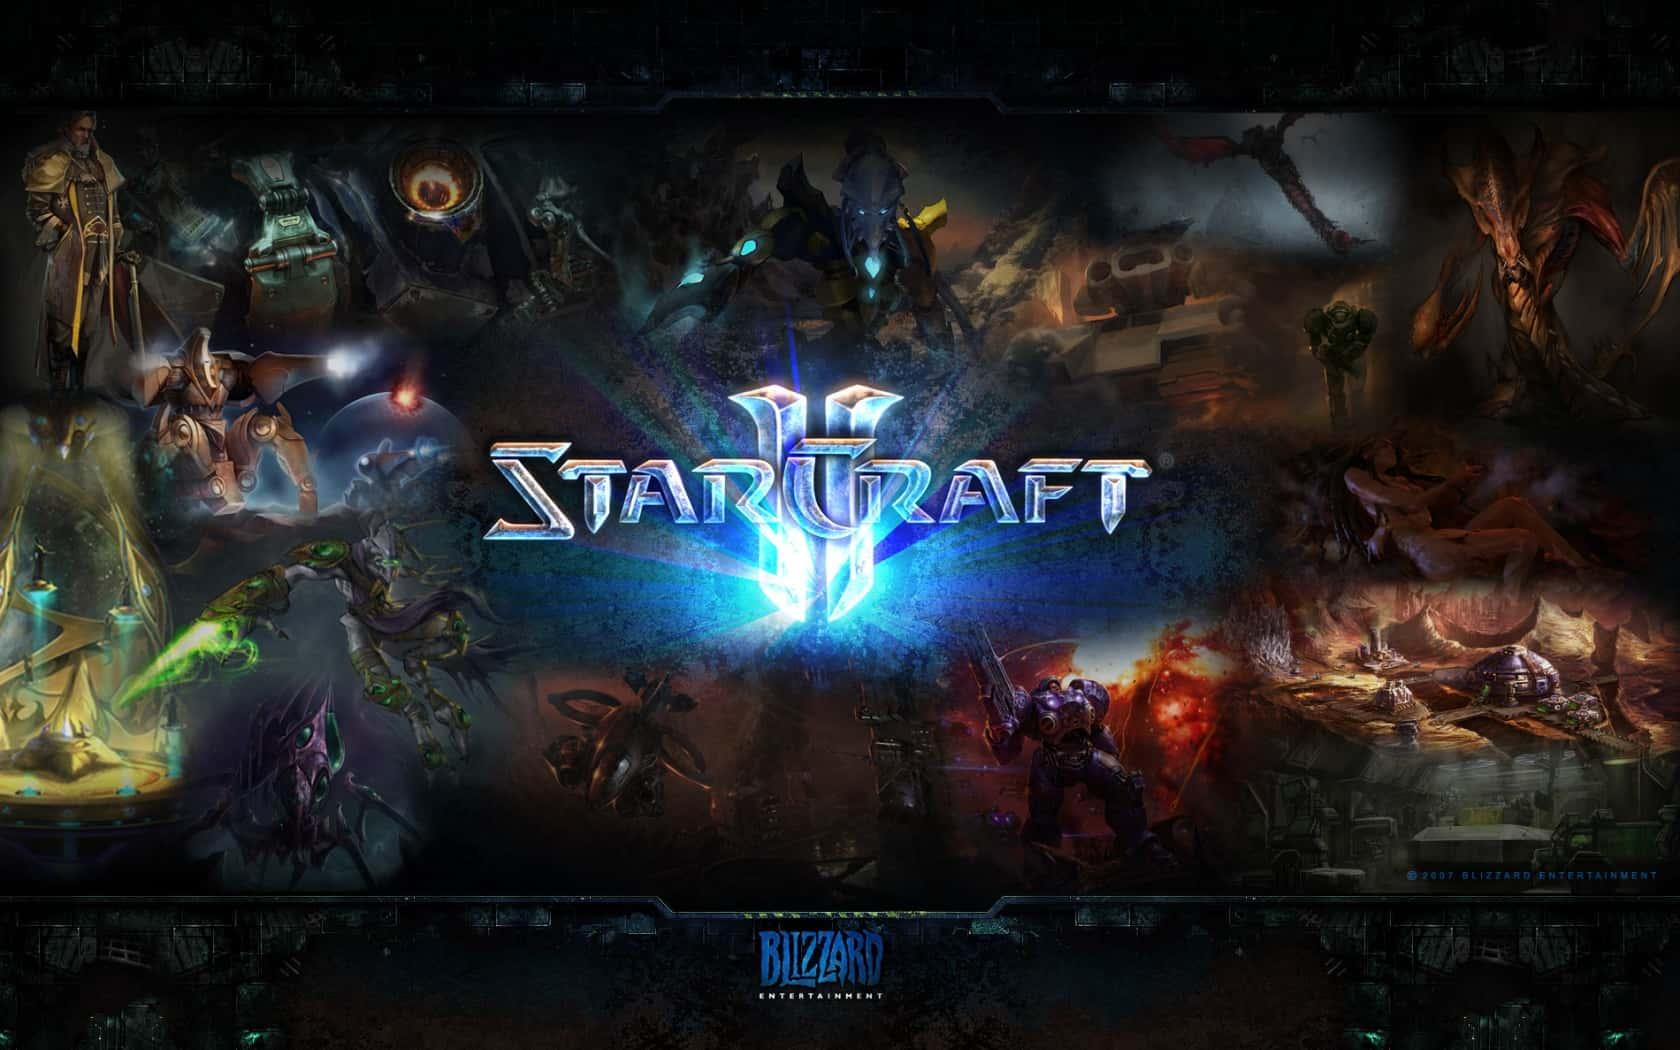 huong dan choi starcraft 2 cho nguoi moi bat dau